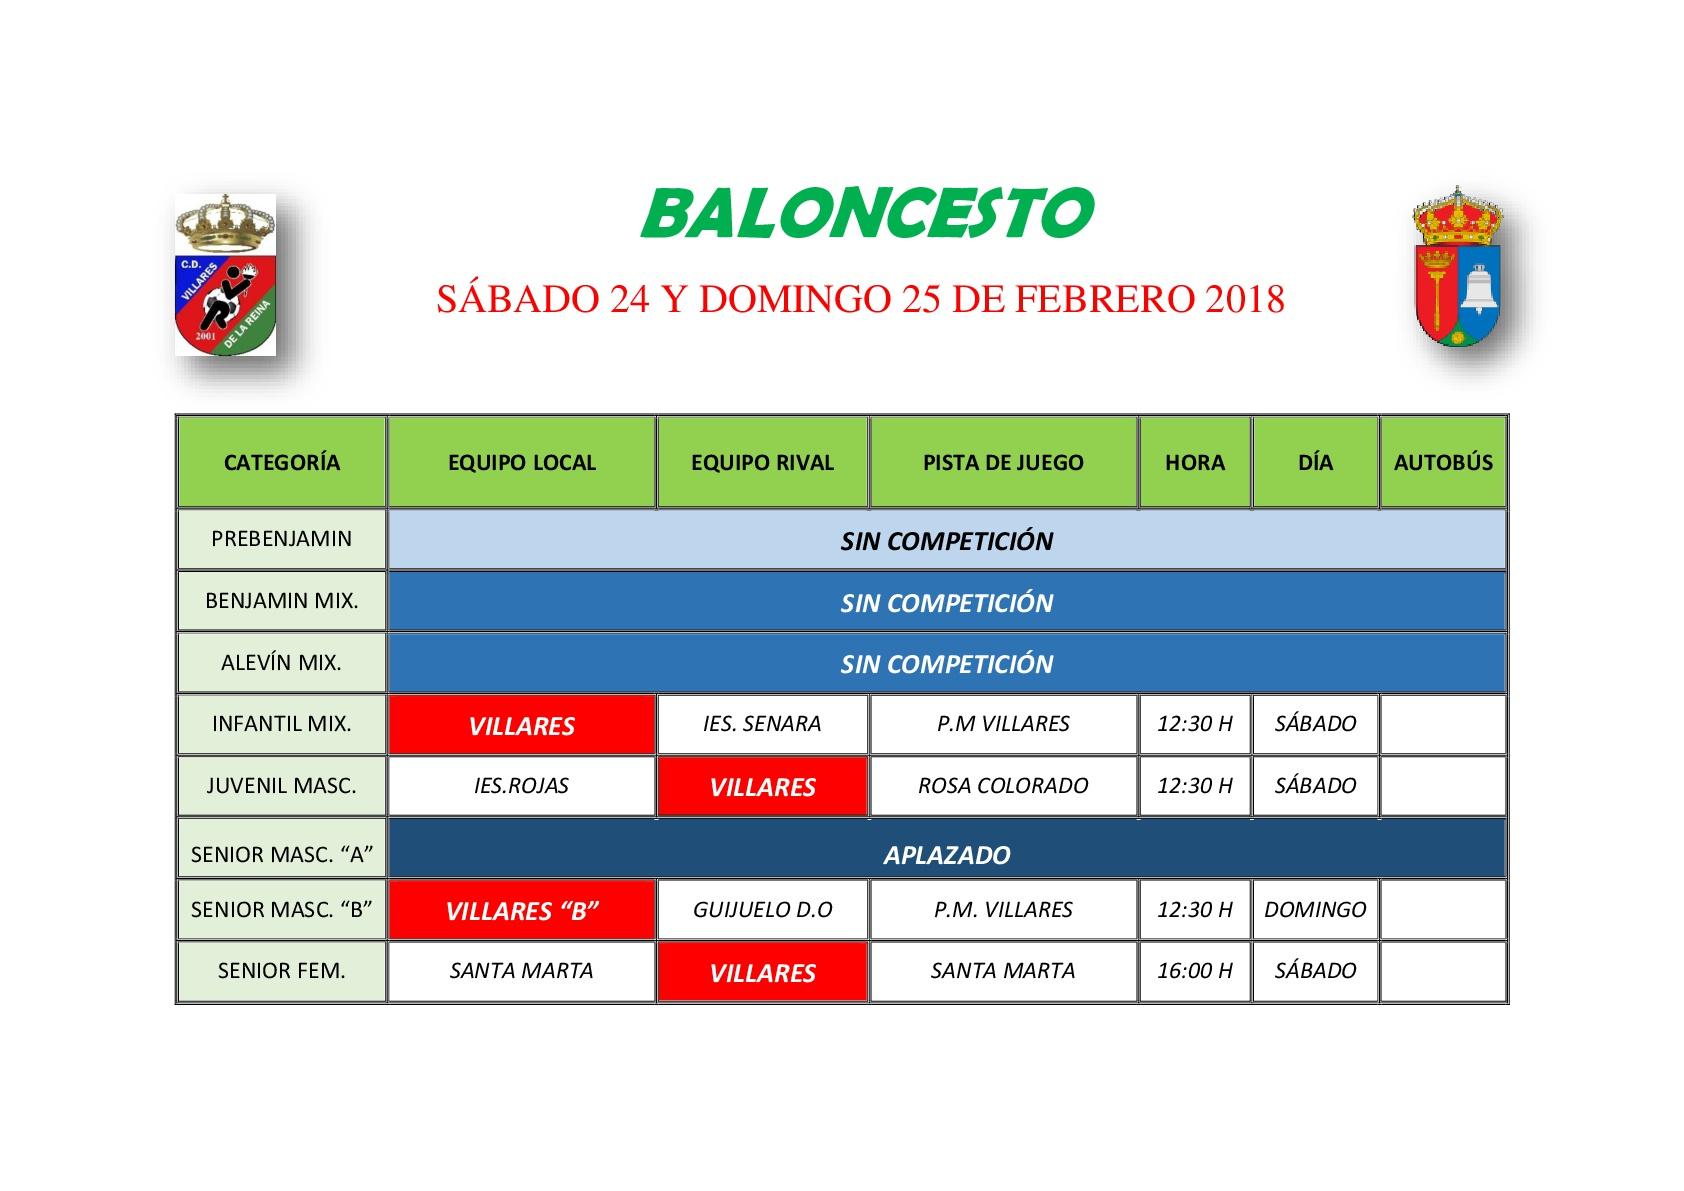 Horario Baloncesto 24/25 Febrero